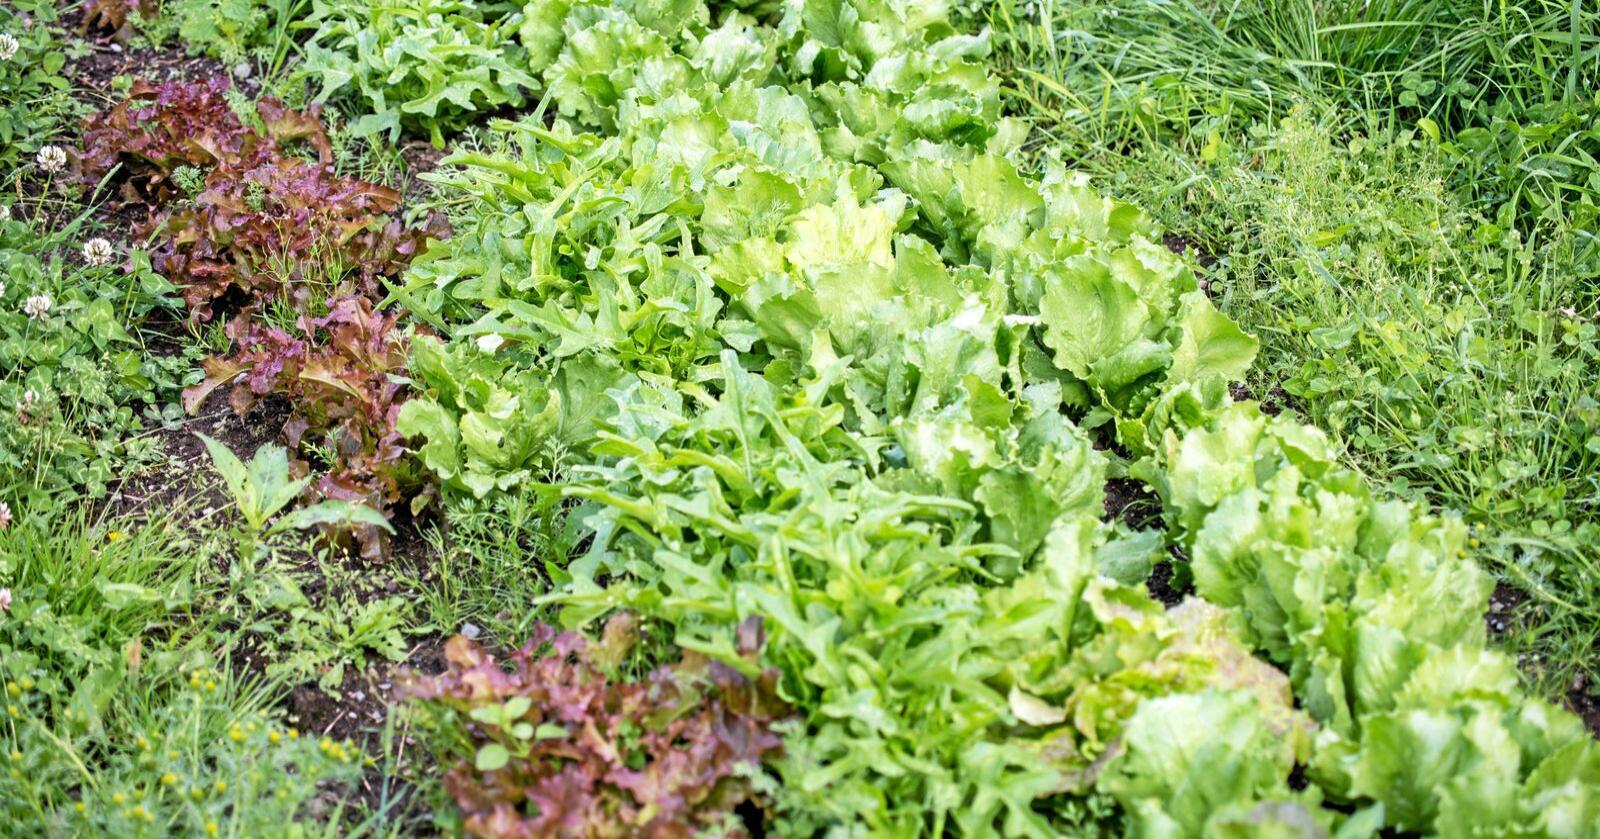 Grønnsaker: Det aller meste av grønnsaksfrøene som blir brukt i Norge er importert. Foto: Erling Fløistad / Nibio